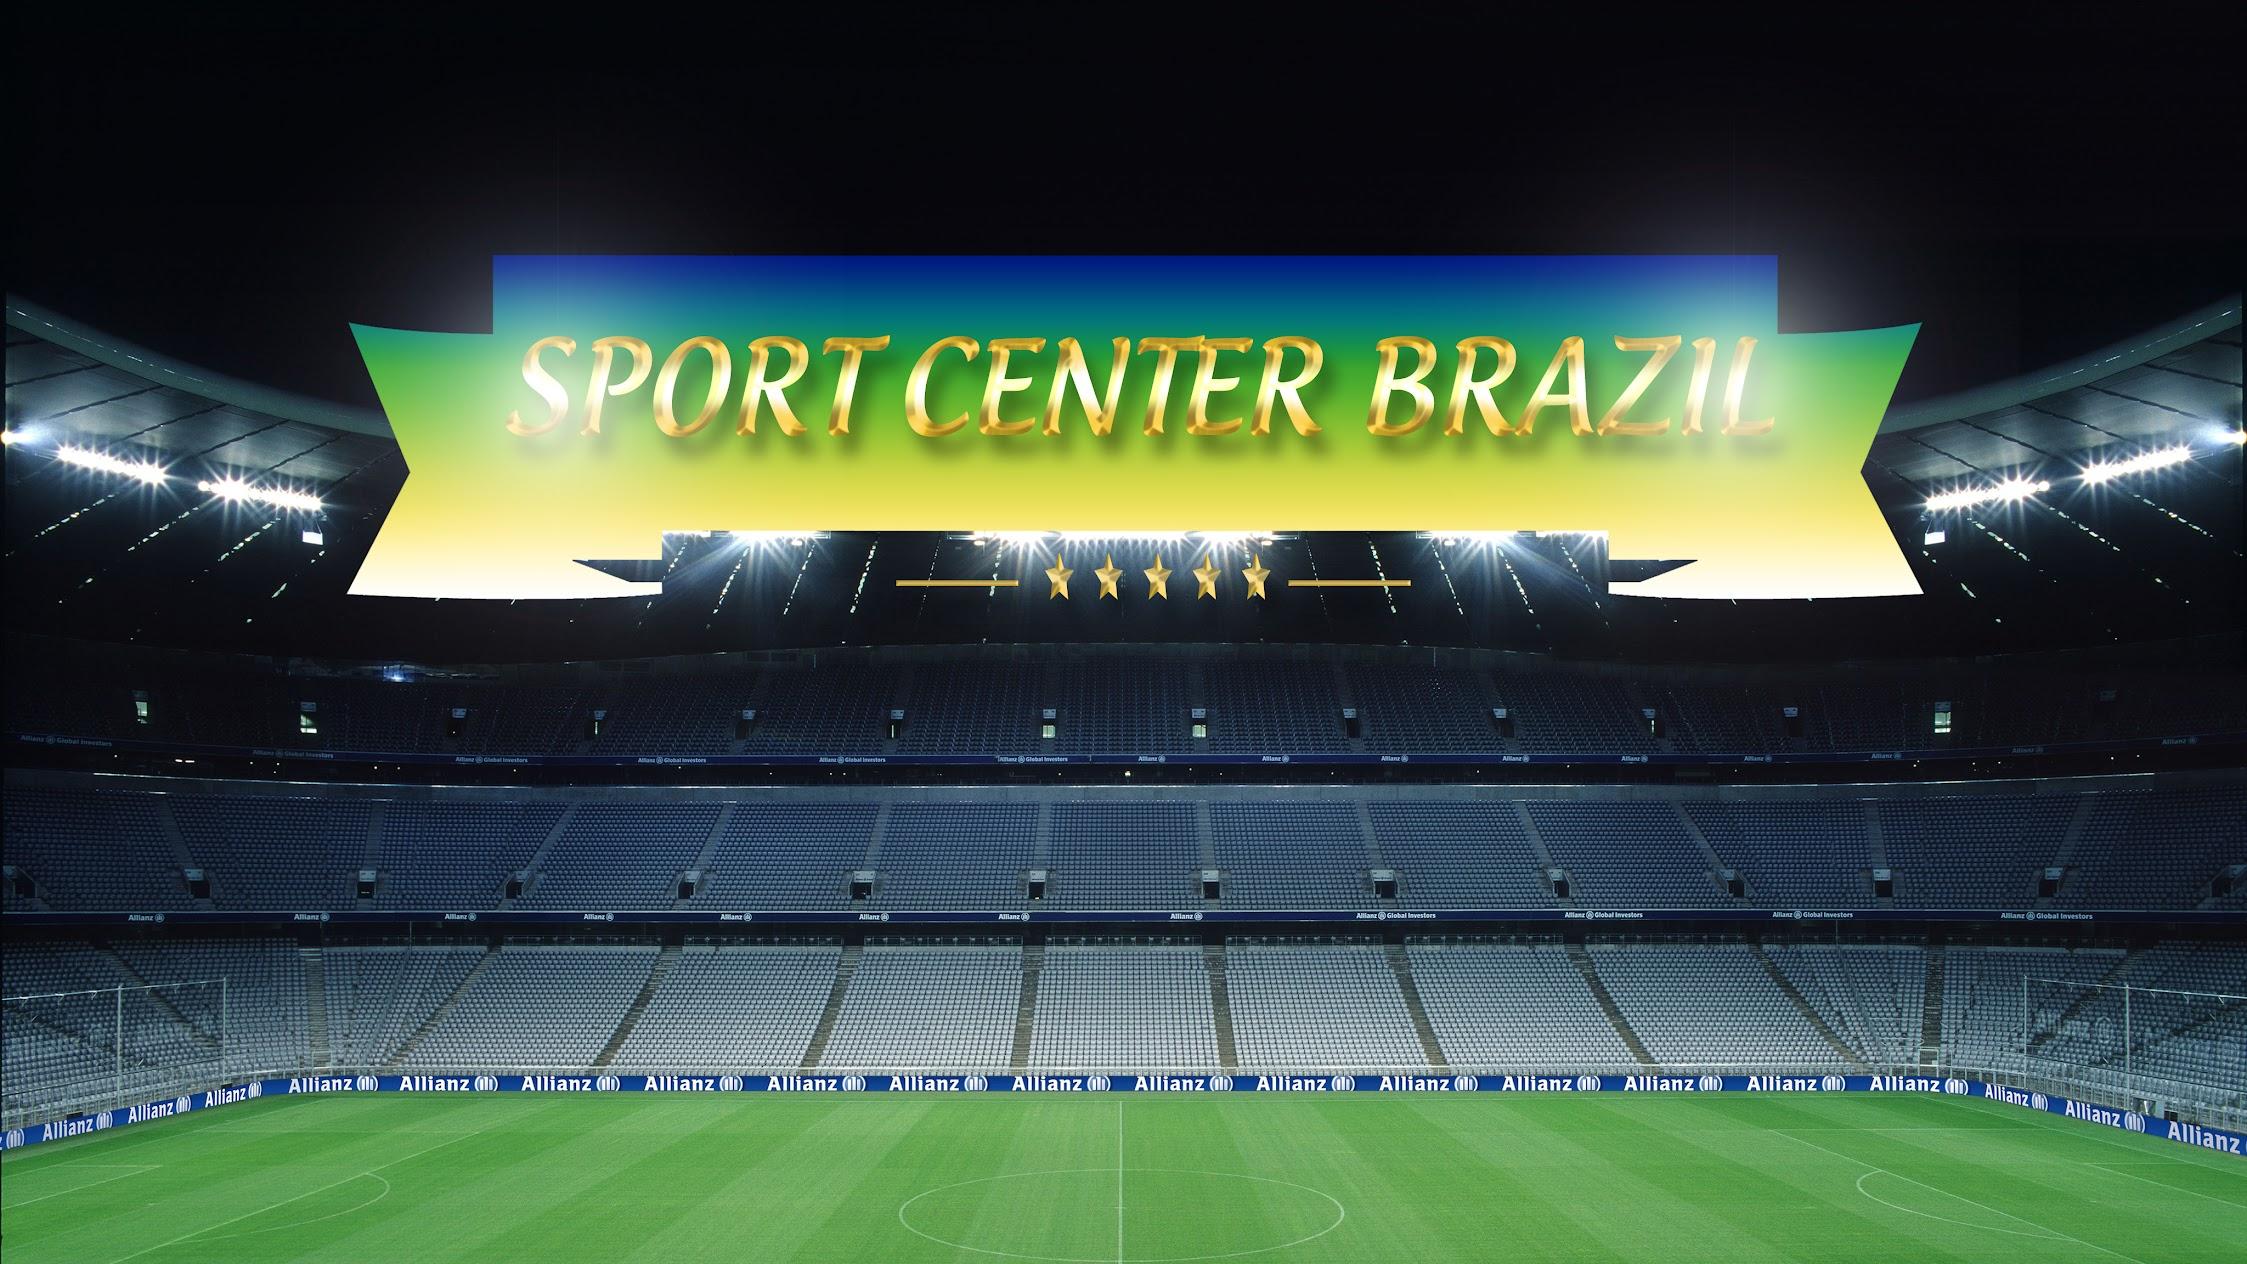 Sport Center Brazil